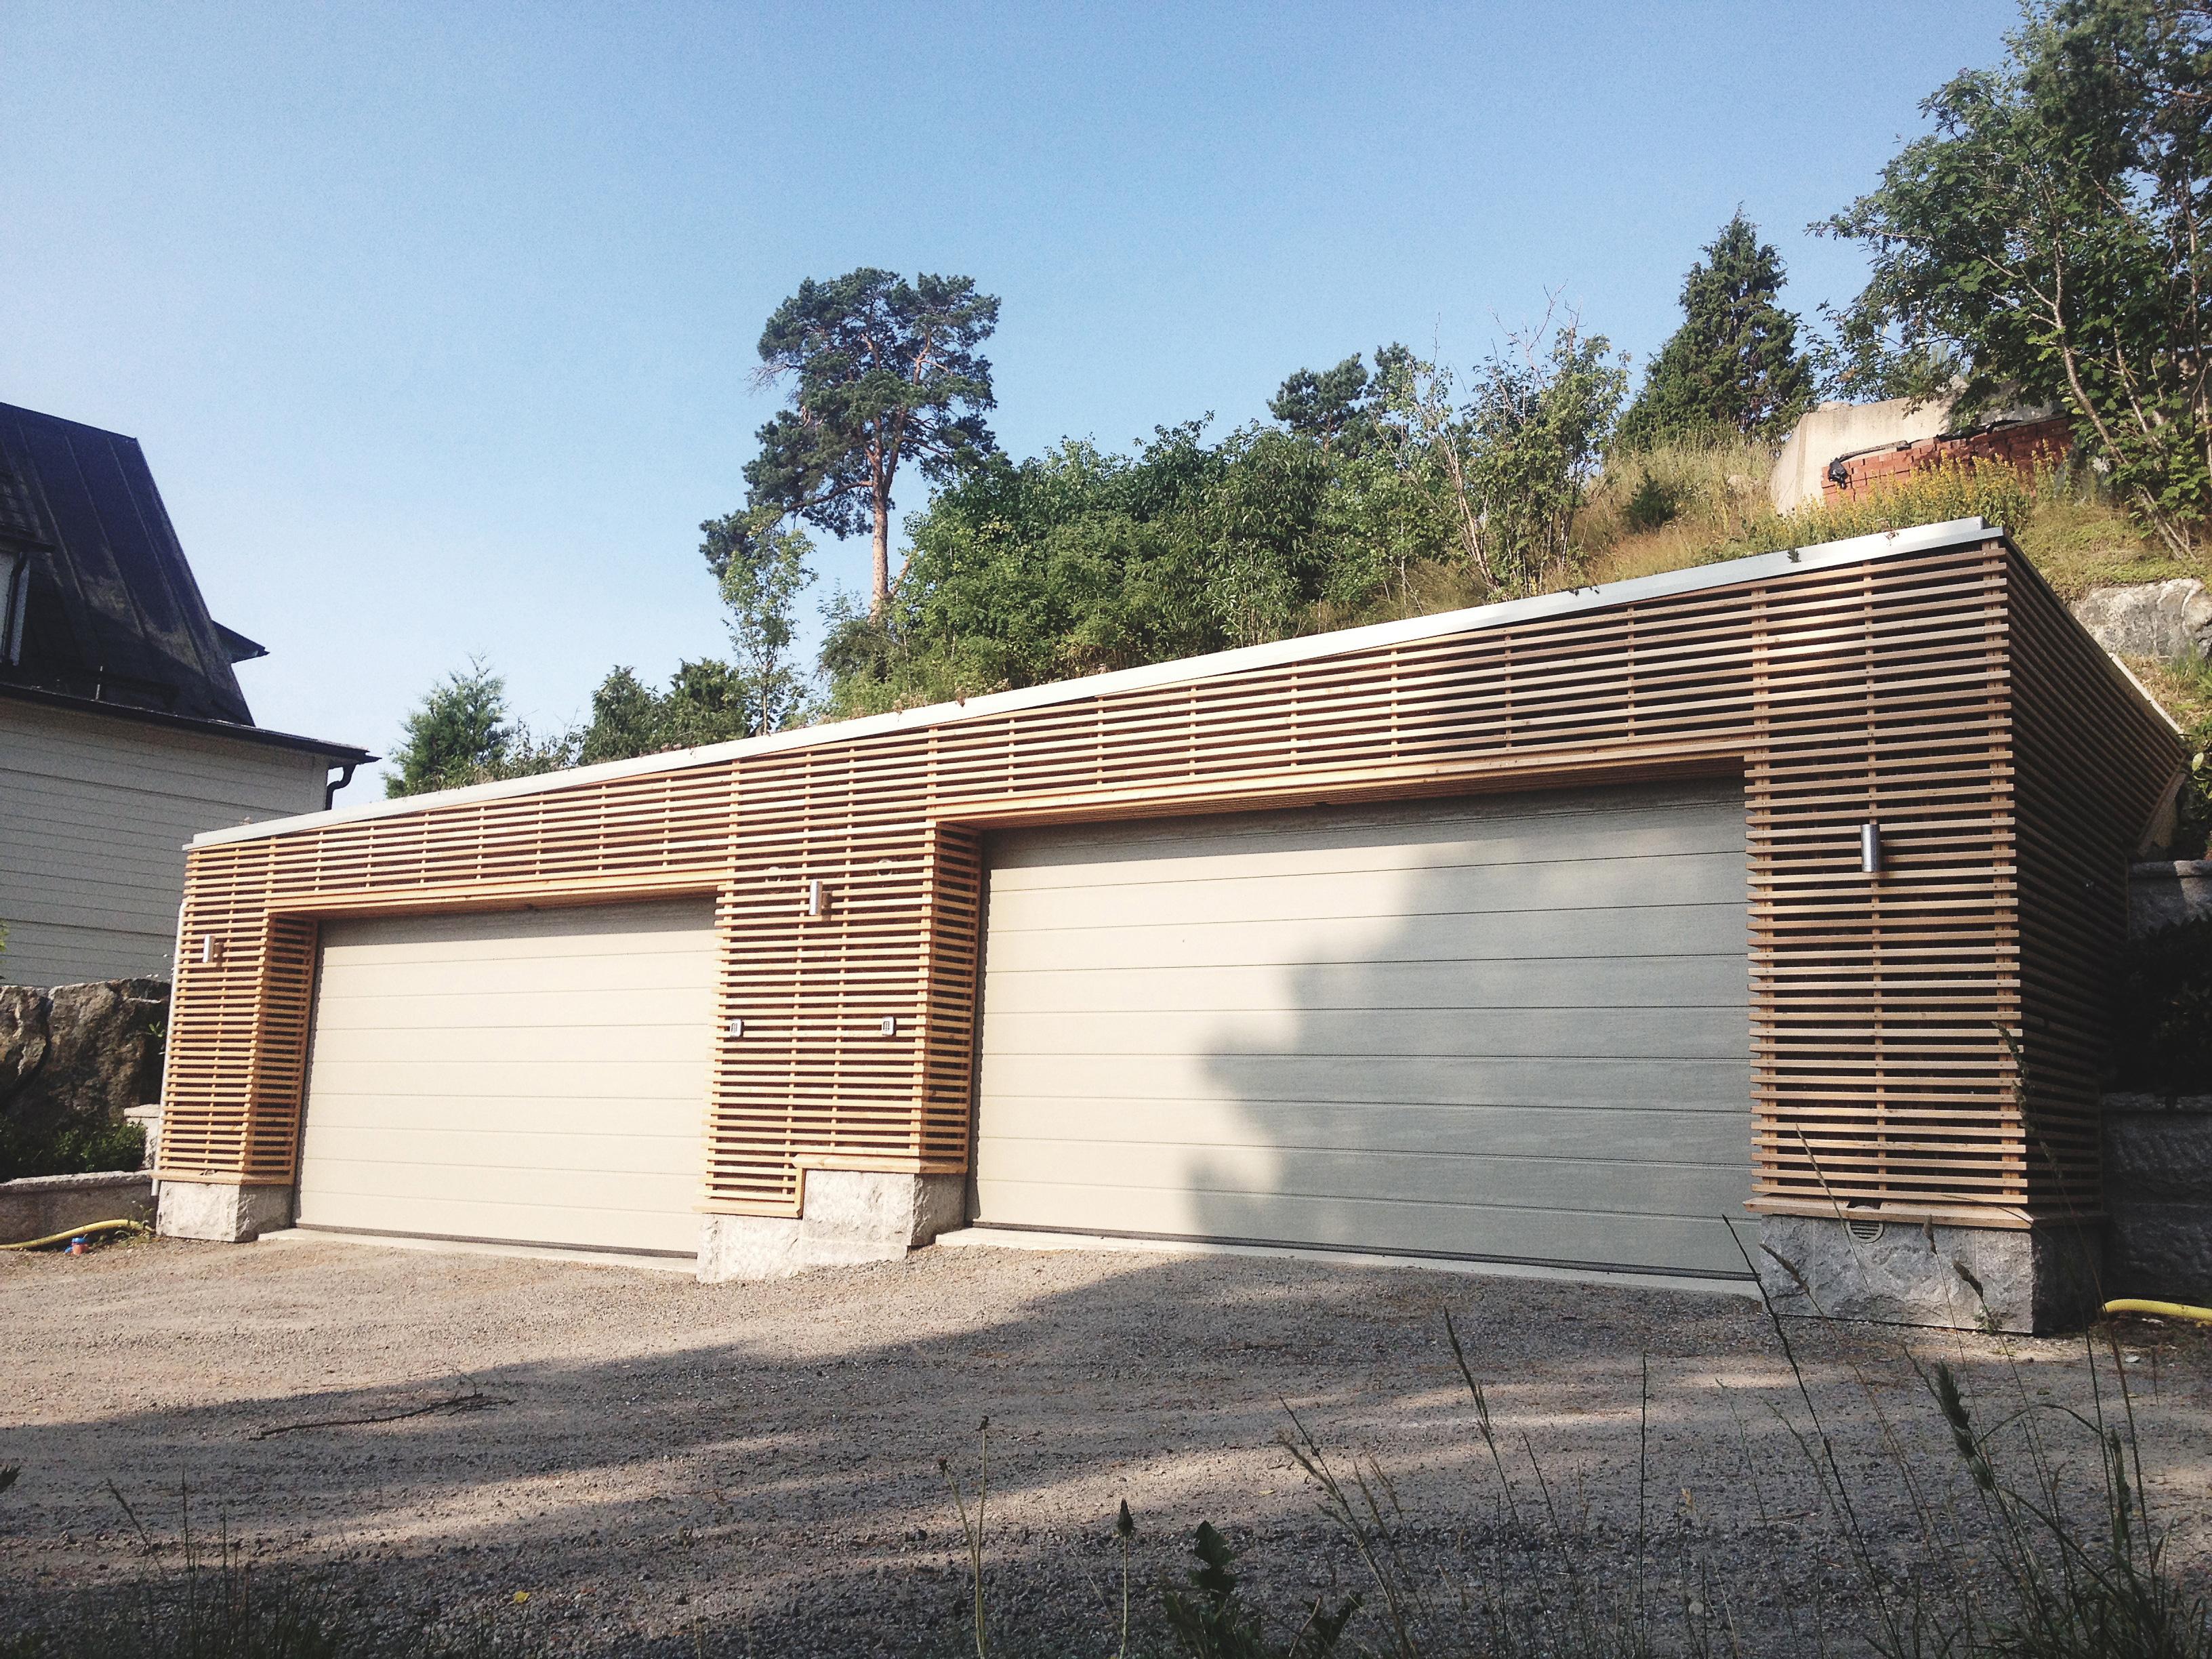 Garage, Bergsschakt, Murning, Betong, Lärk, Granit